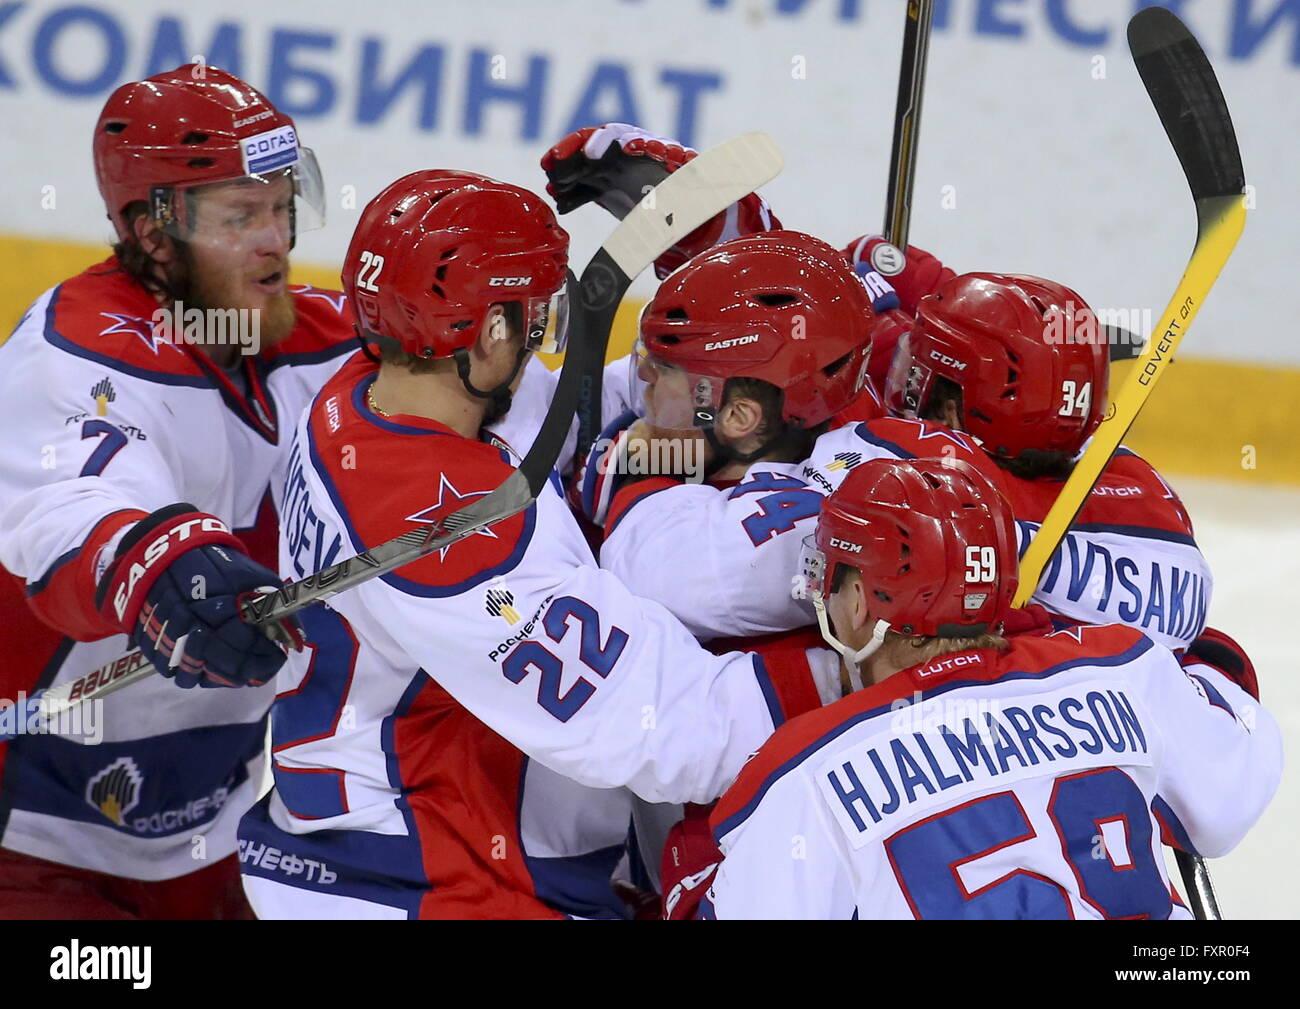 MAGNITOGORSK, RUSSIE. 17 avril, 2016. Les joueurs du CSKA célébrer le scoring dans LEG 6 de la saison 2015-2016 Ligue de hockey de l'équipe Gardien de but en finale contre le Metallurg Arena. HC CSKA Moscou a gagné le match 3:2 en temps supplémentaire. Artyom Korotayev/TASS Banque D'Images